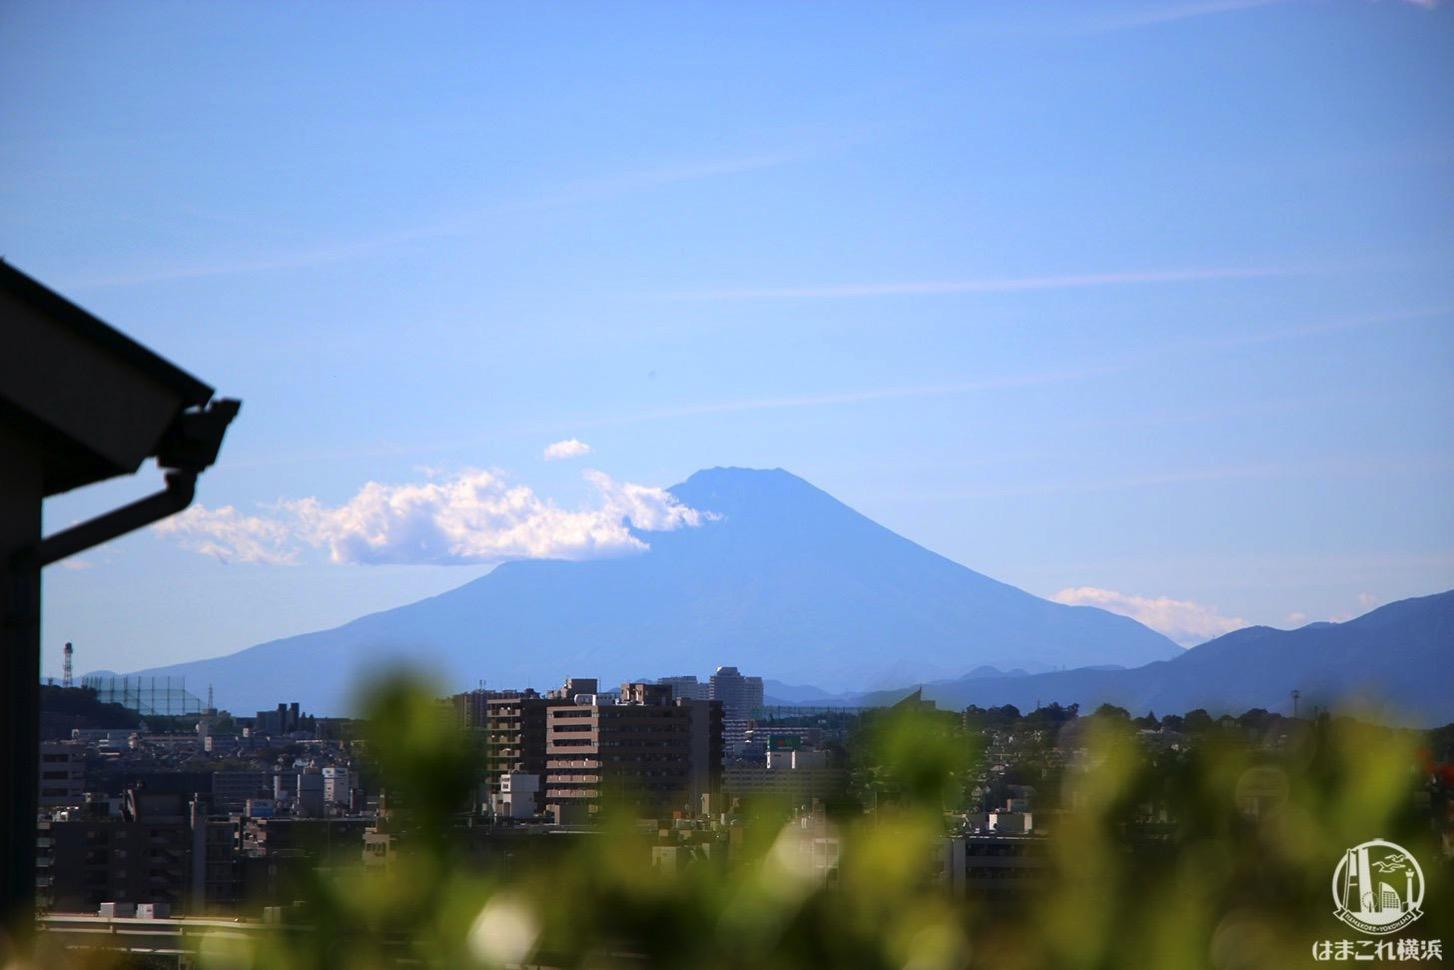 山手イタリア山庭園から見た富士山